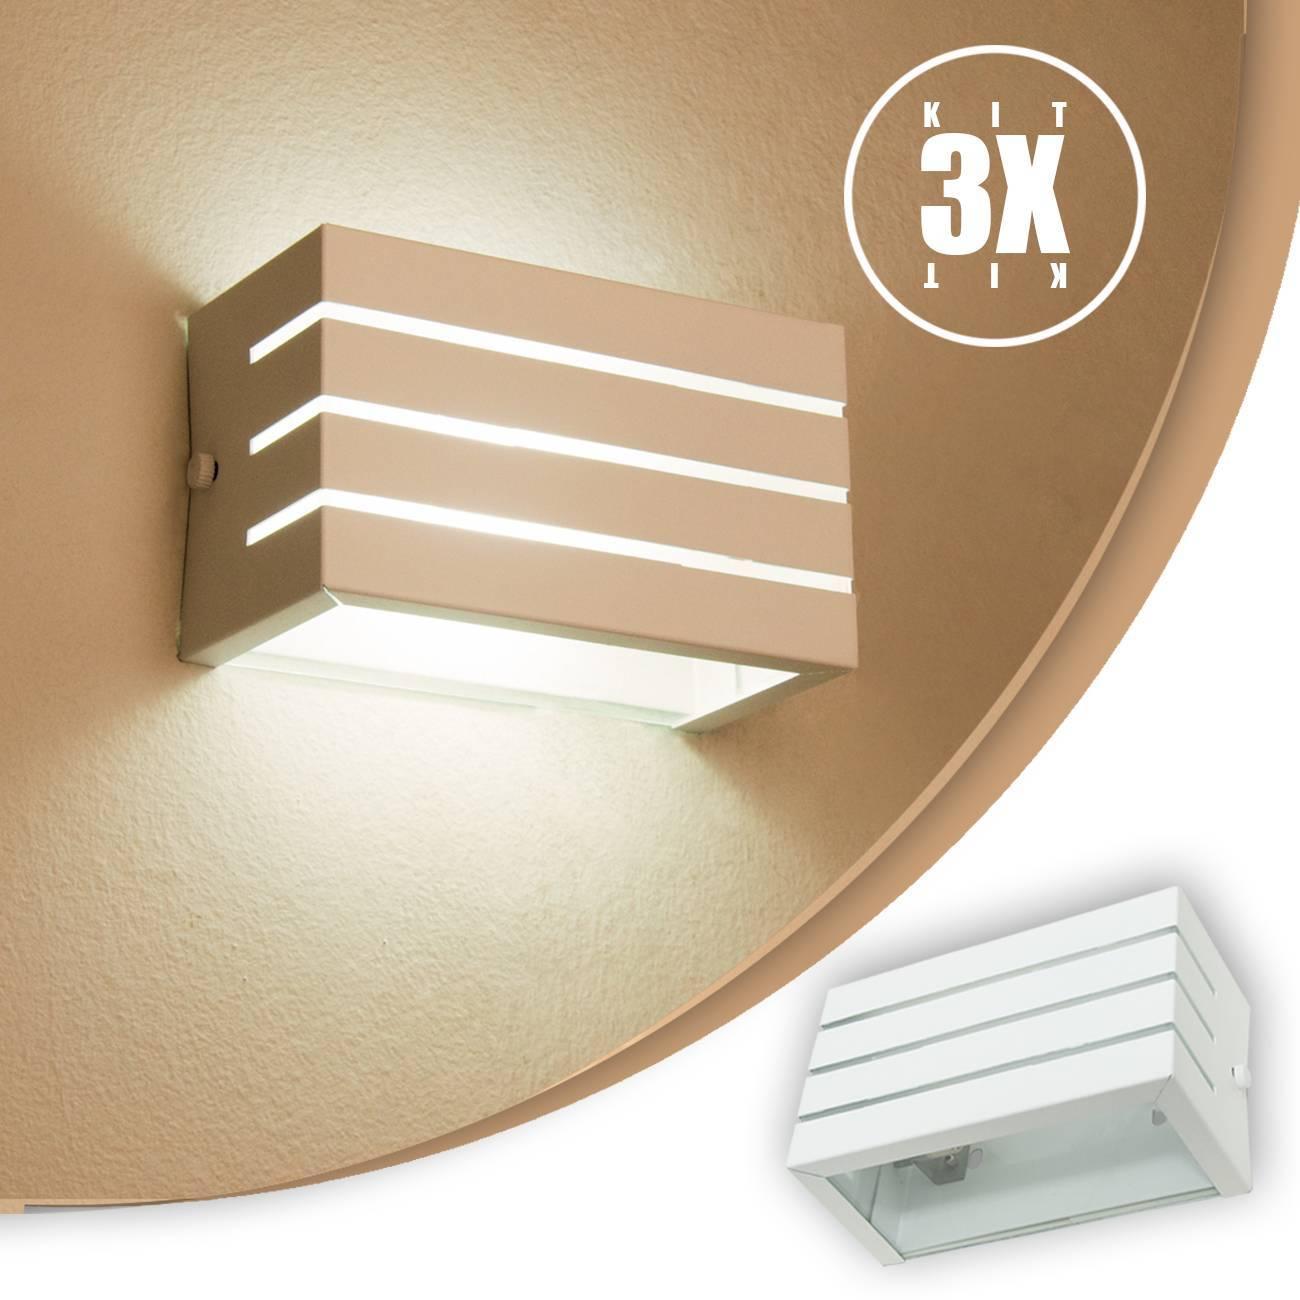 Arandela Frisada Branca Parede Externa Kit 03 unidades - LCGELETRO